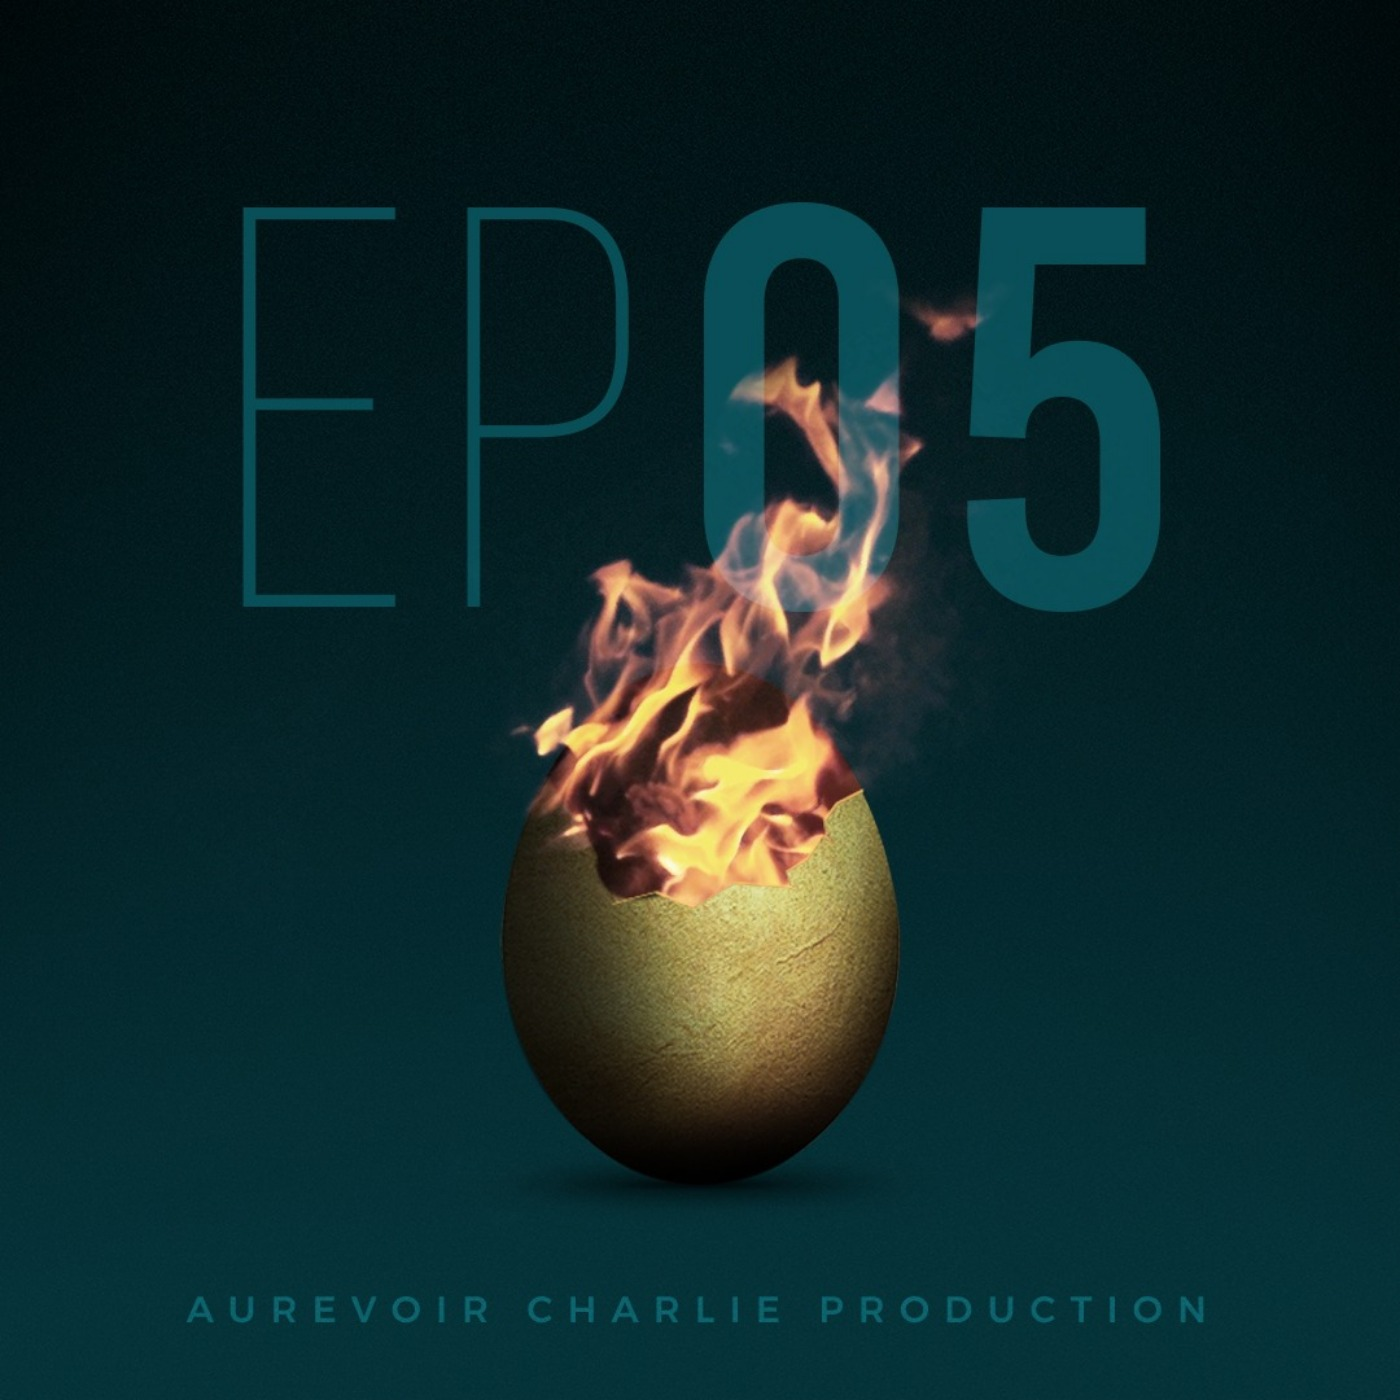 episode S1E5